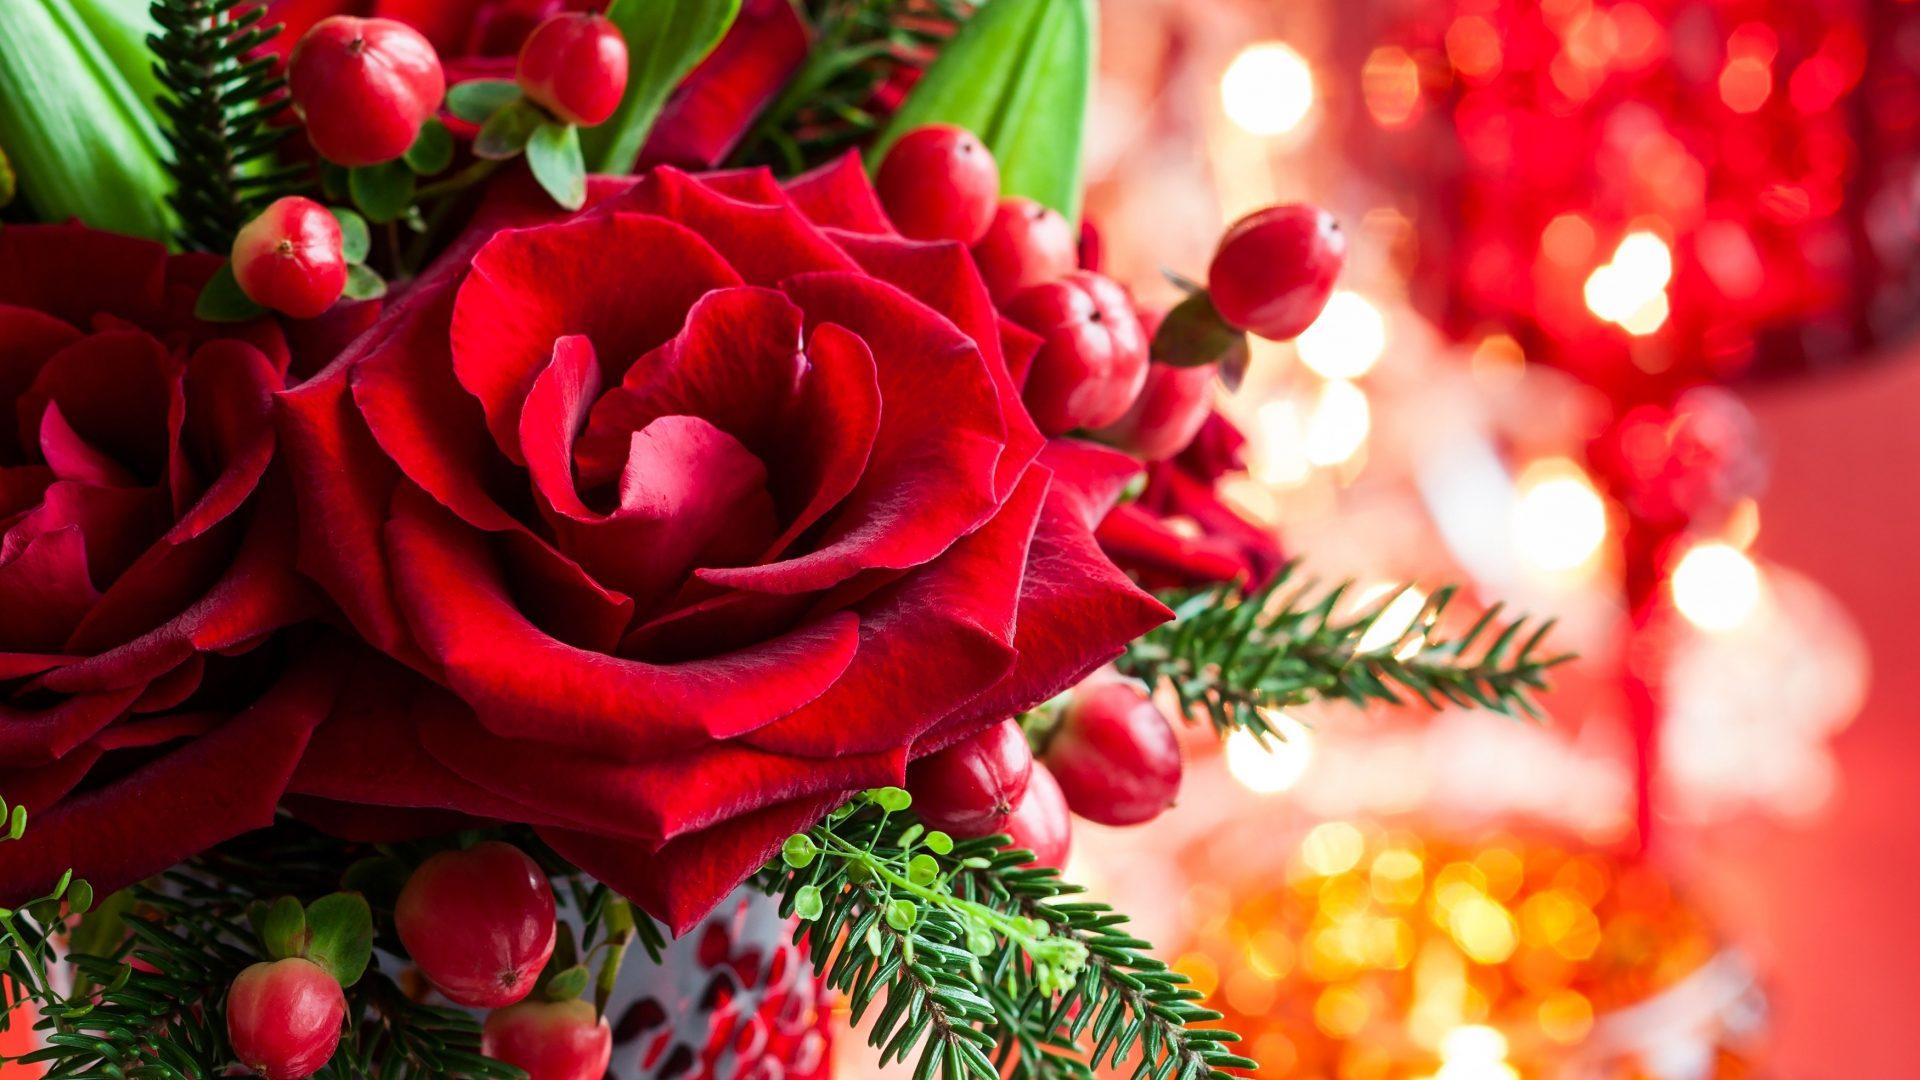 Wallpaper Images Hd Flowers Magic Love Bokeh Red Xmas Roses Merry Rose Christmas